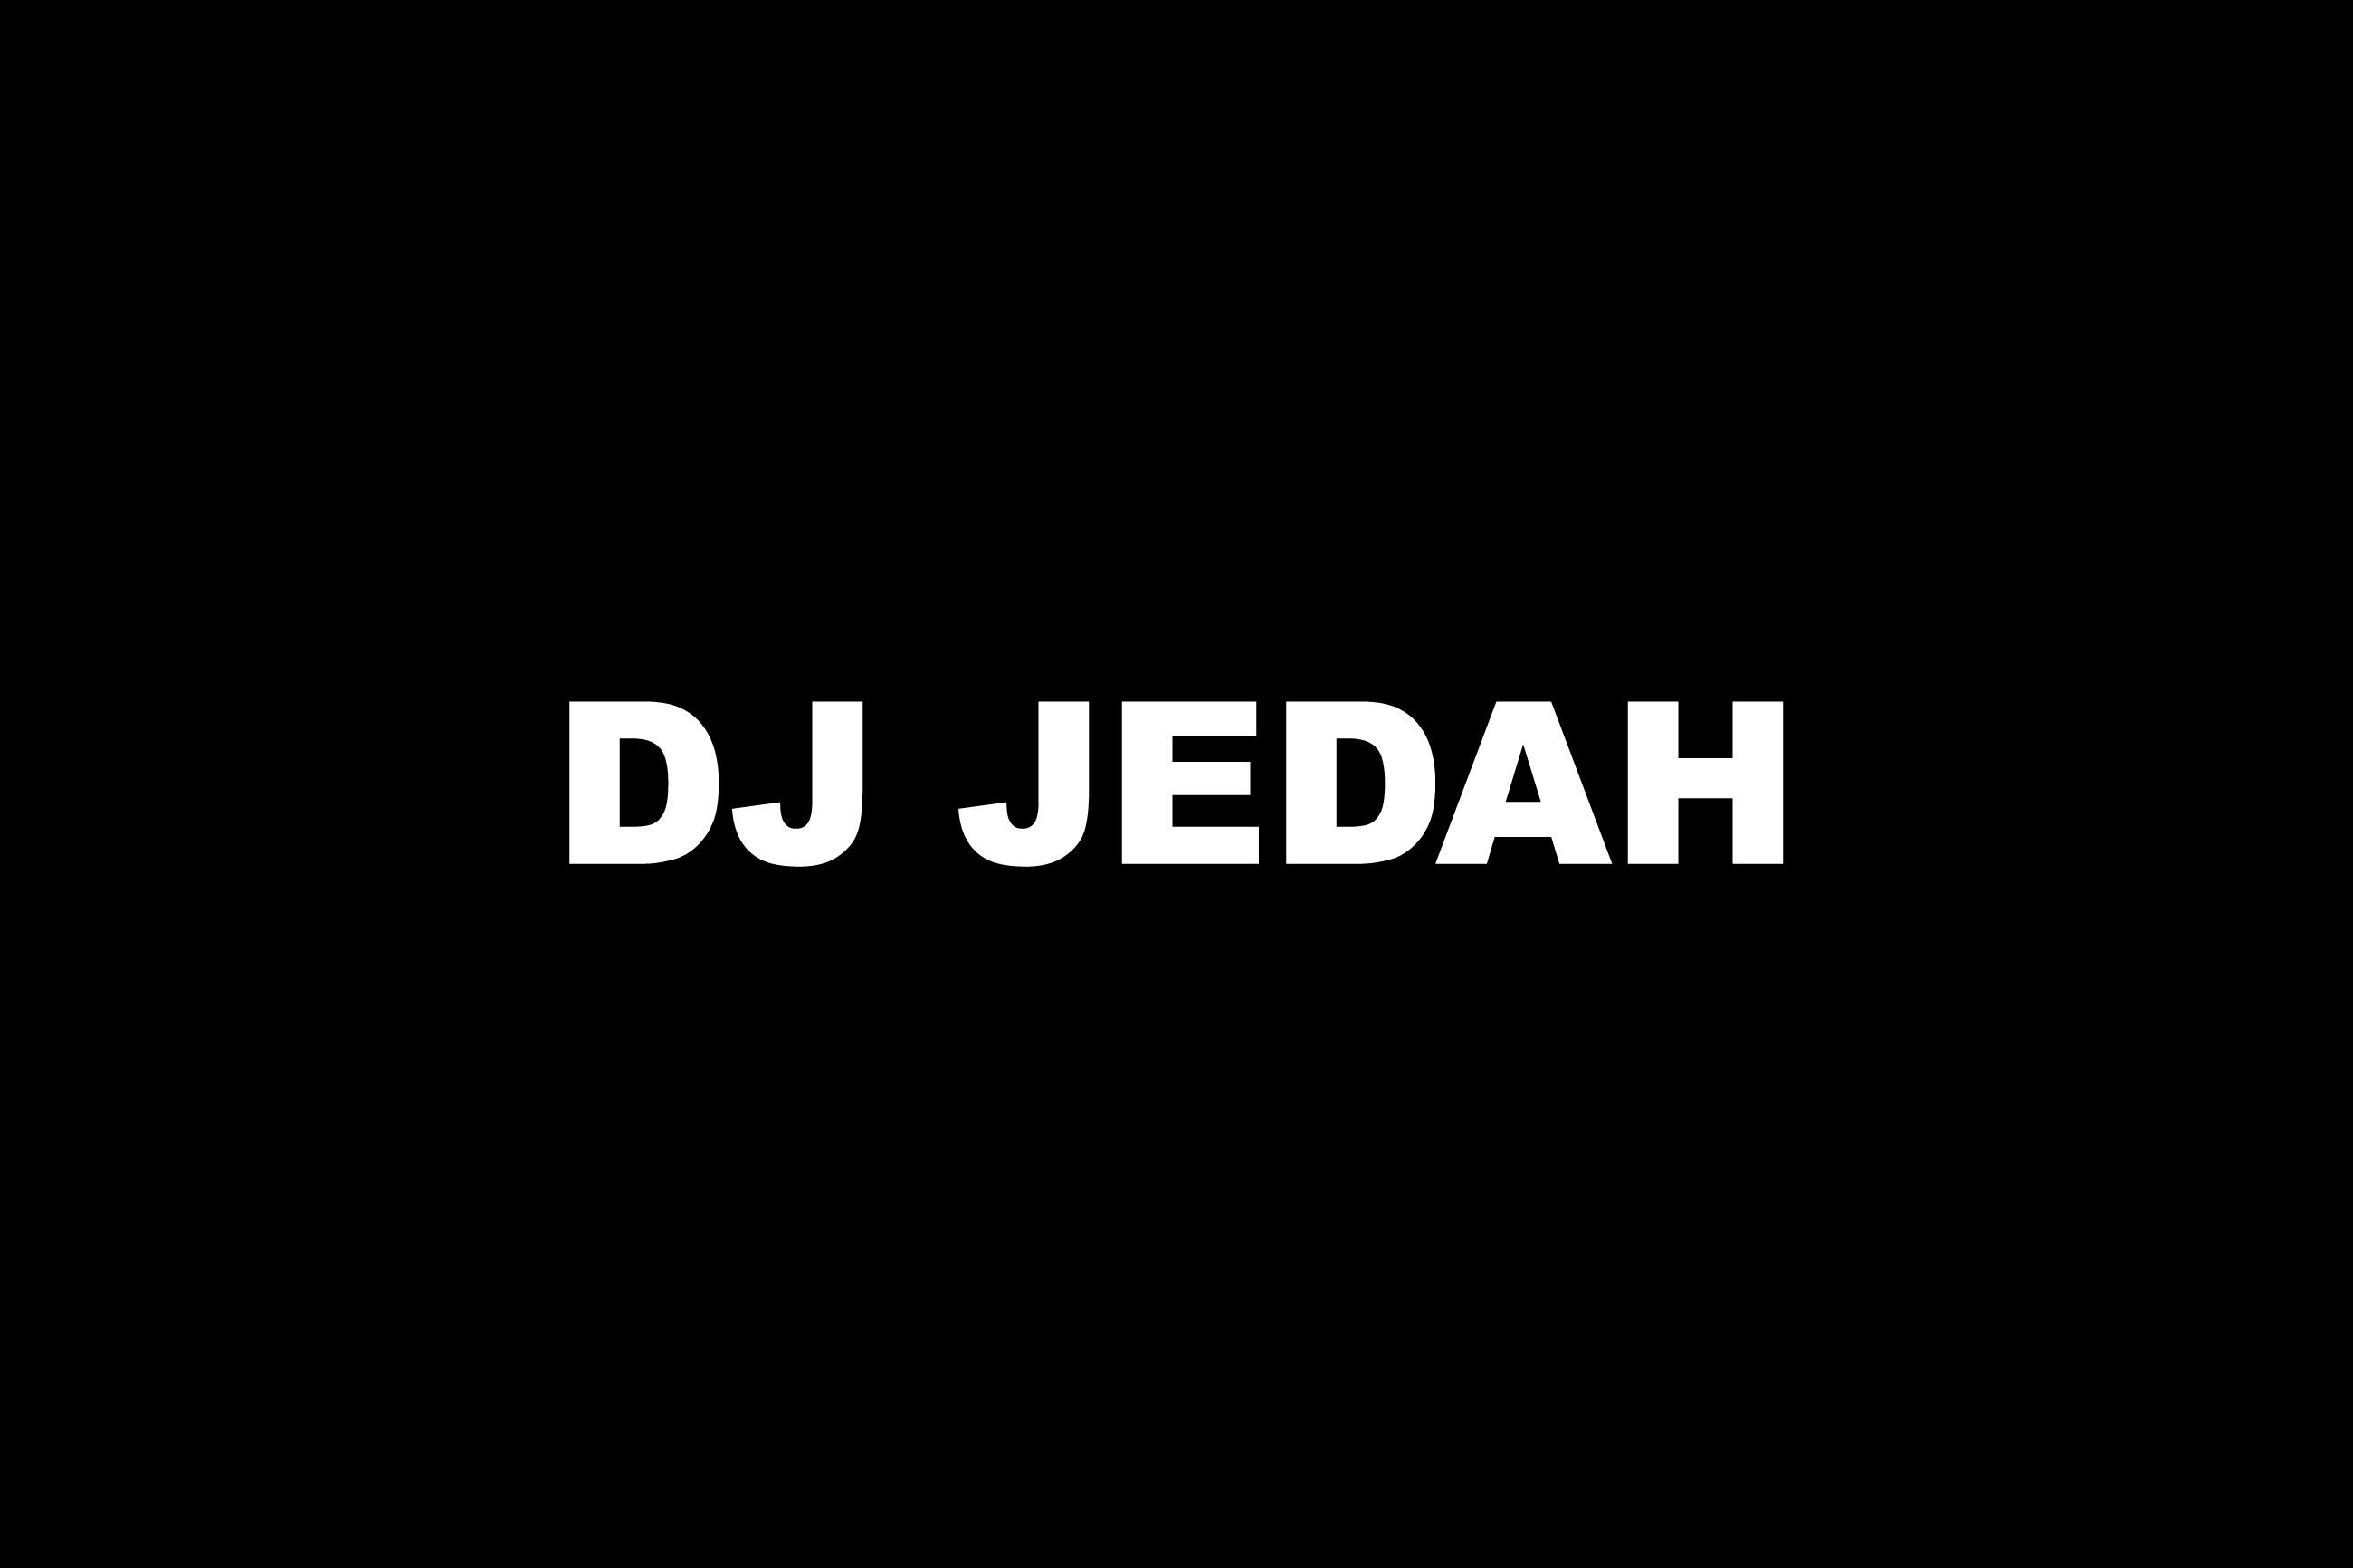 DJ Jedah, Pyro, PyroRadio, Pyro Radio, Pyro, PyroRadio.com